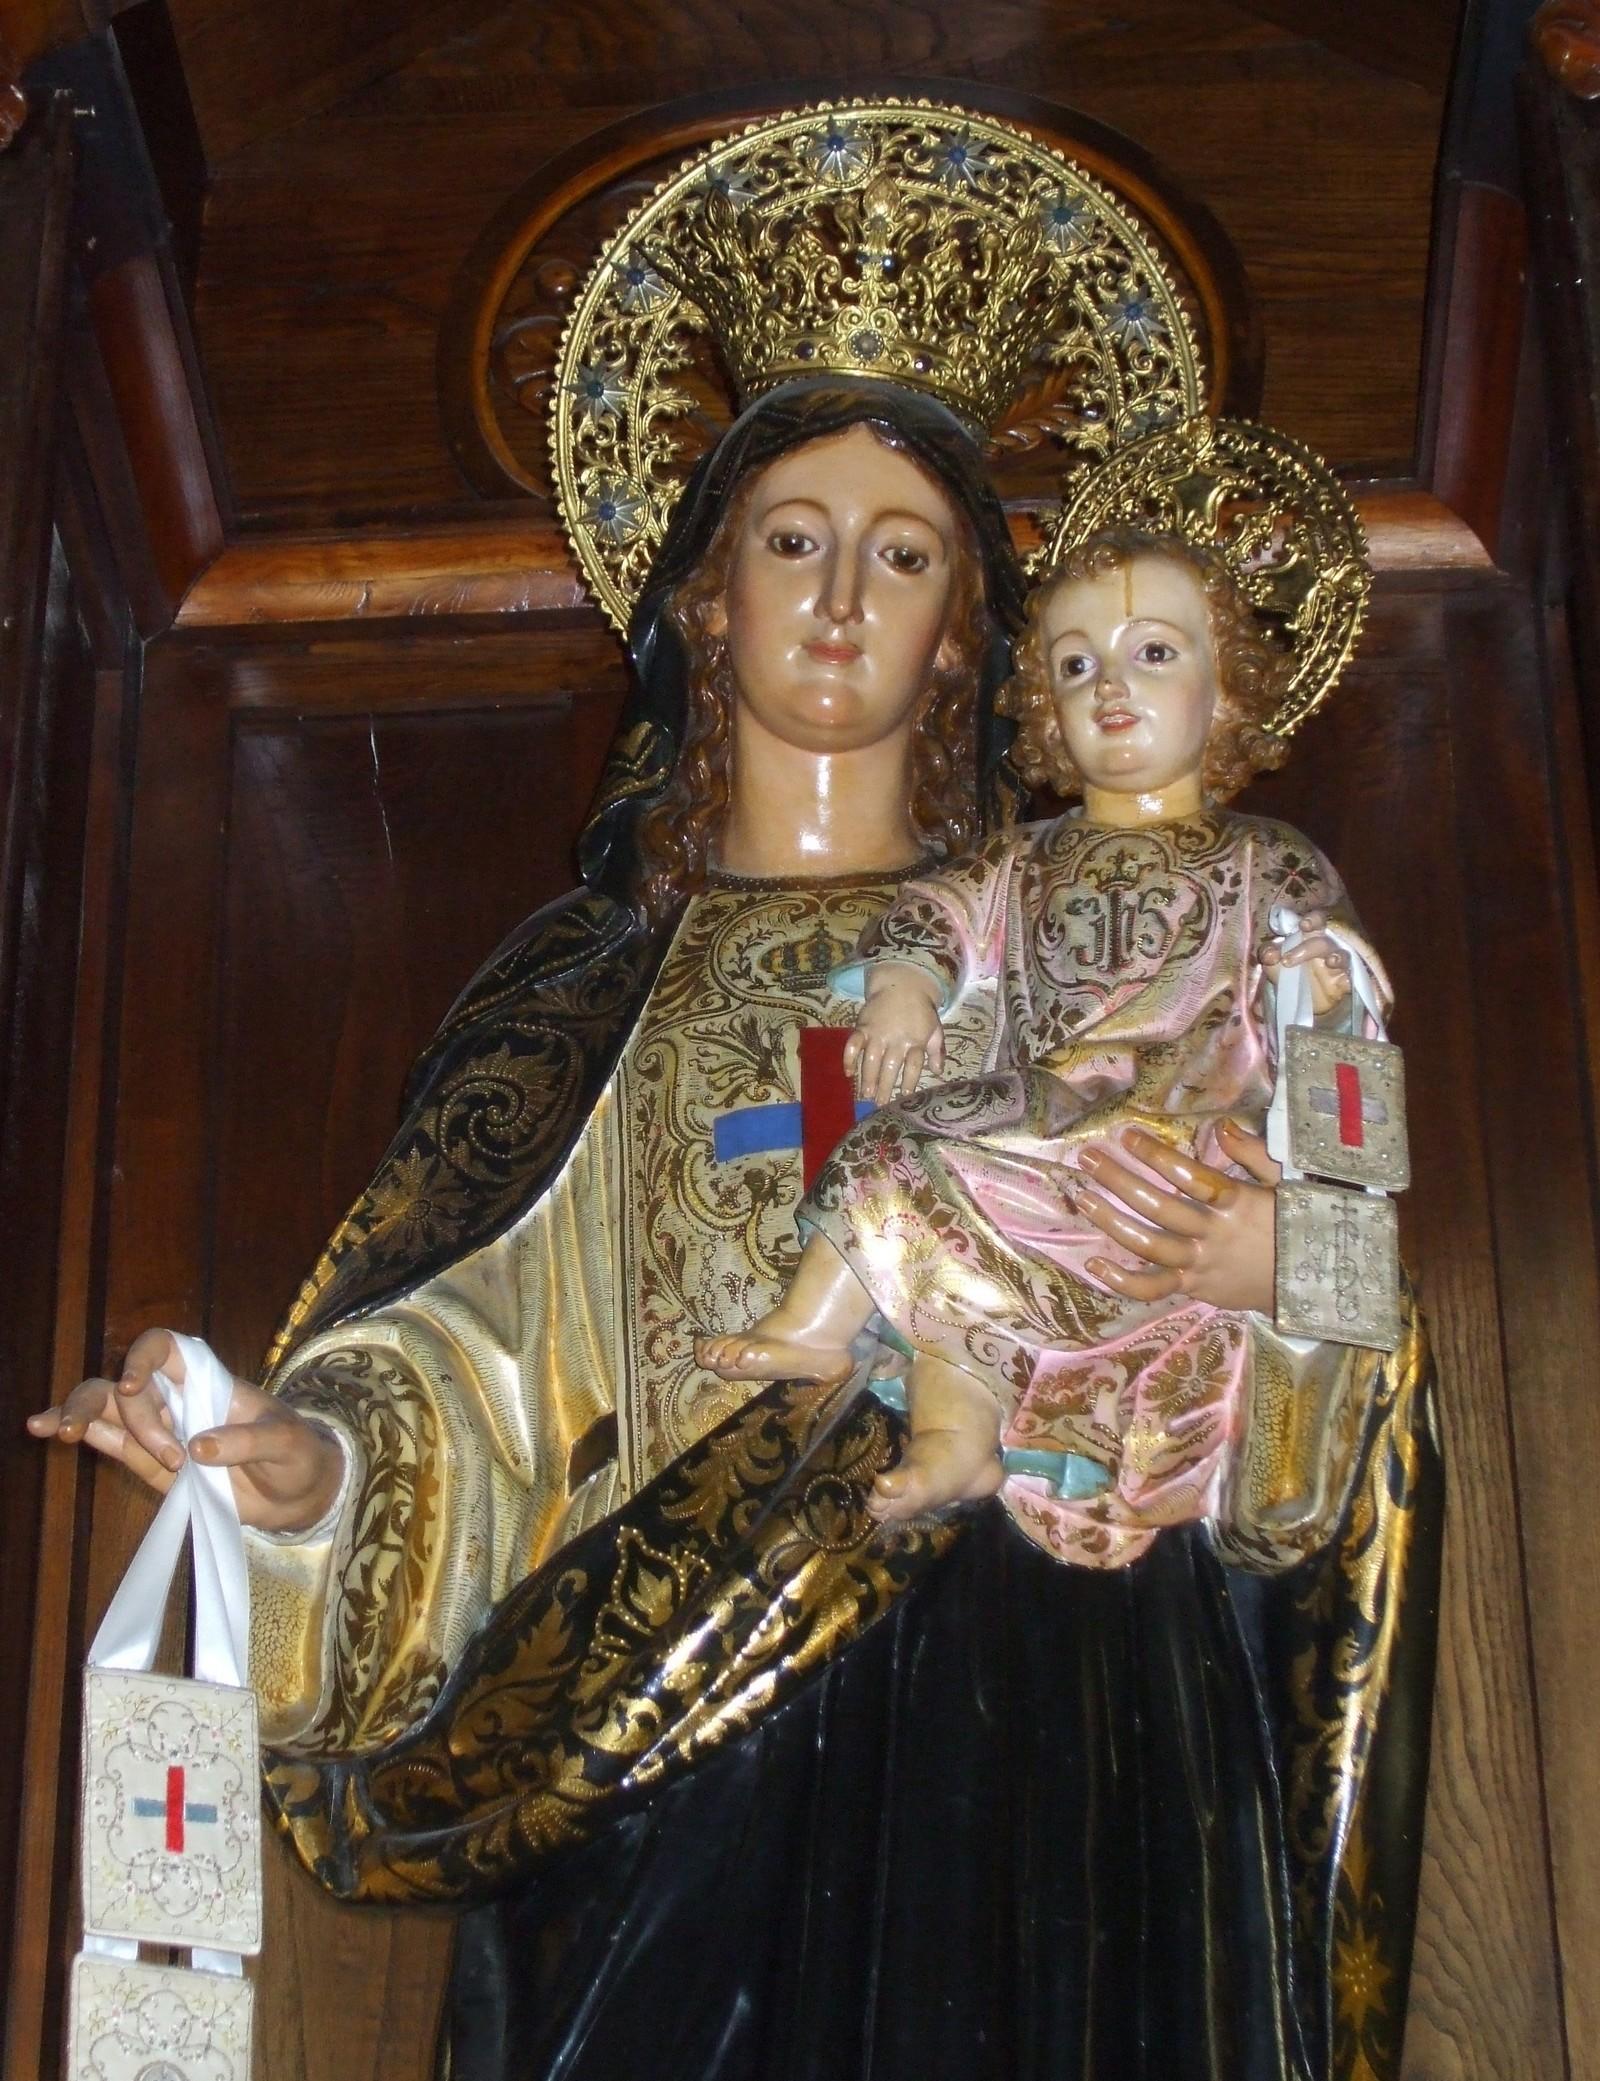 Nuestra Señora del Buen Remedio, patrona de la Orden de la Santísima Trinidad( 8 oct)